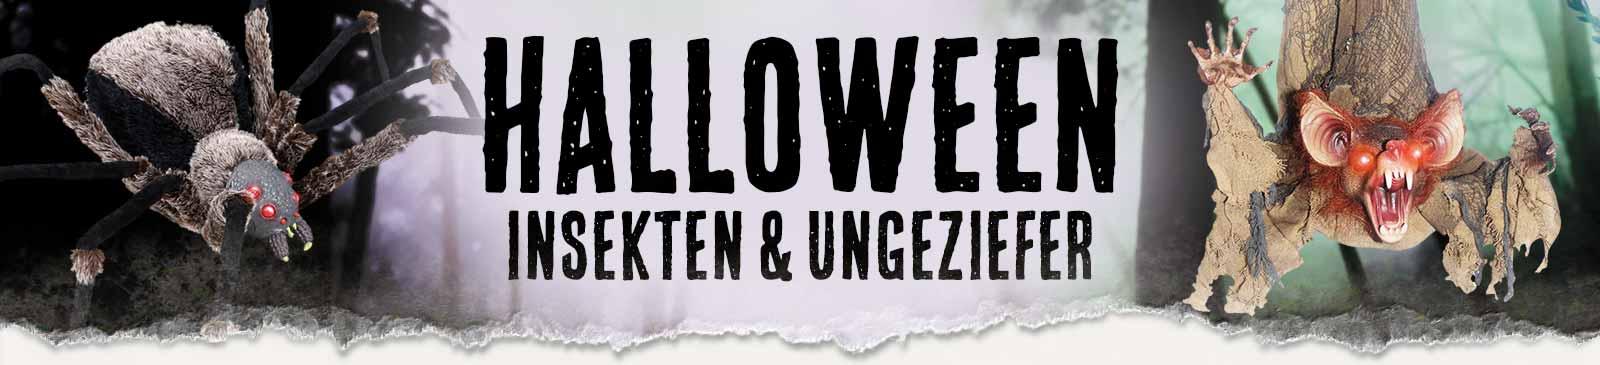 Halloween Insekten & Ungeziefer